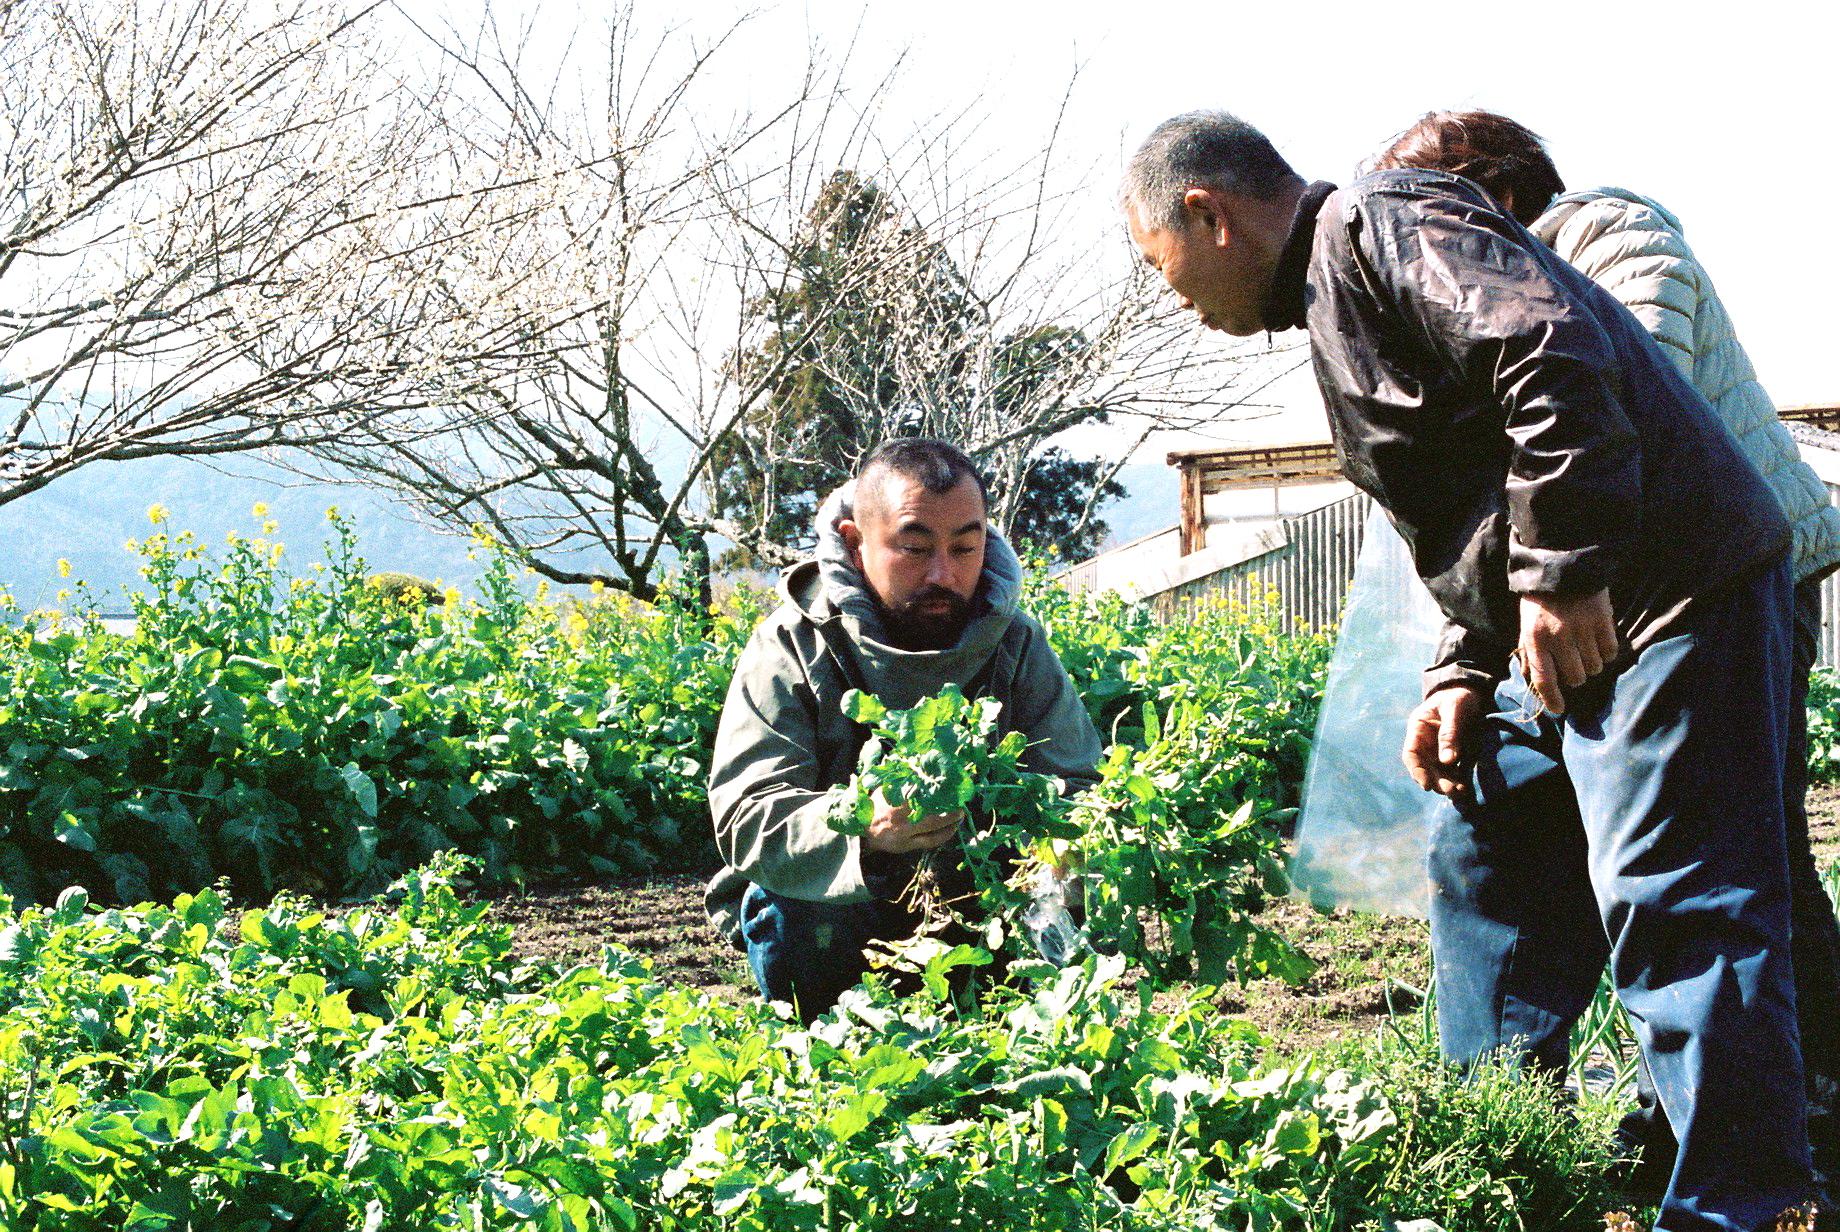 雑草の中に新鮮な野菜たち。井戸水、肥料は豚小屋から自  給自足が無理なく行われている。